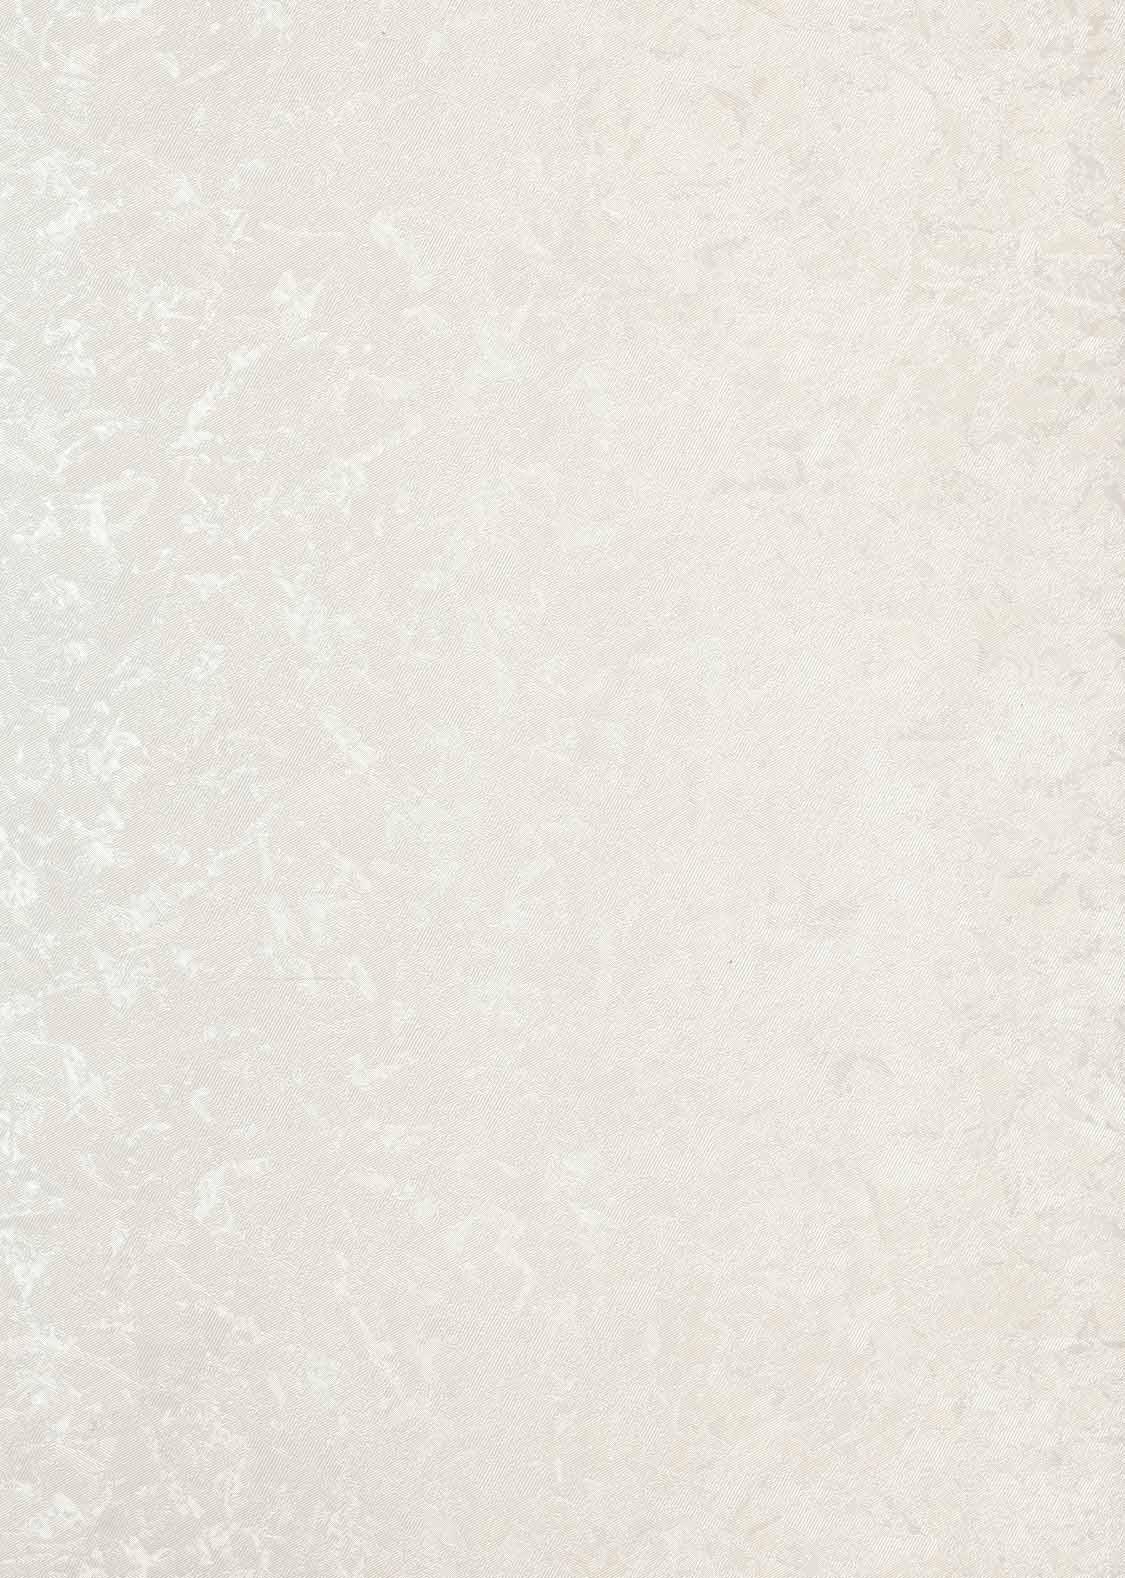 آلبوم بله برون رئوف گل تاج (گلاسه،باجعبه)